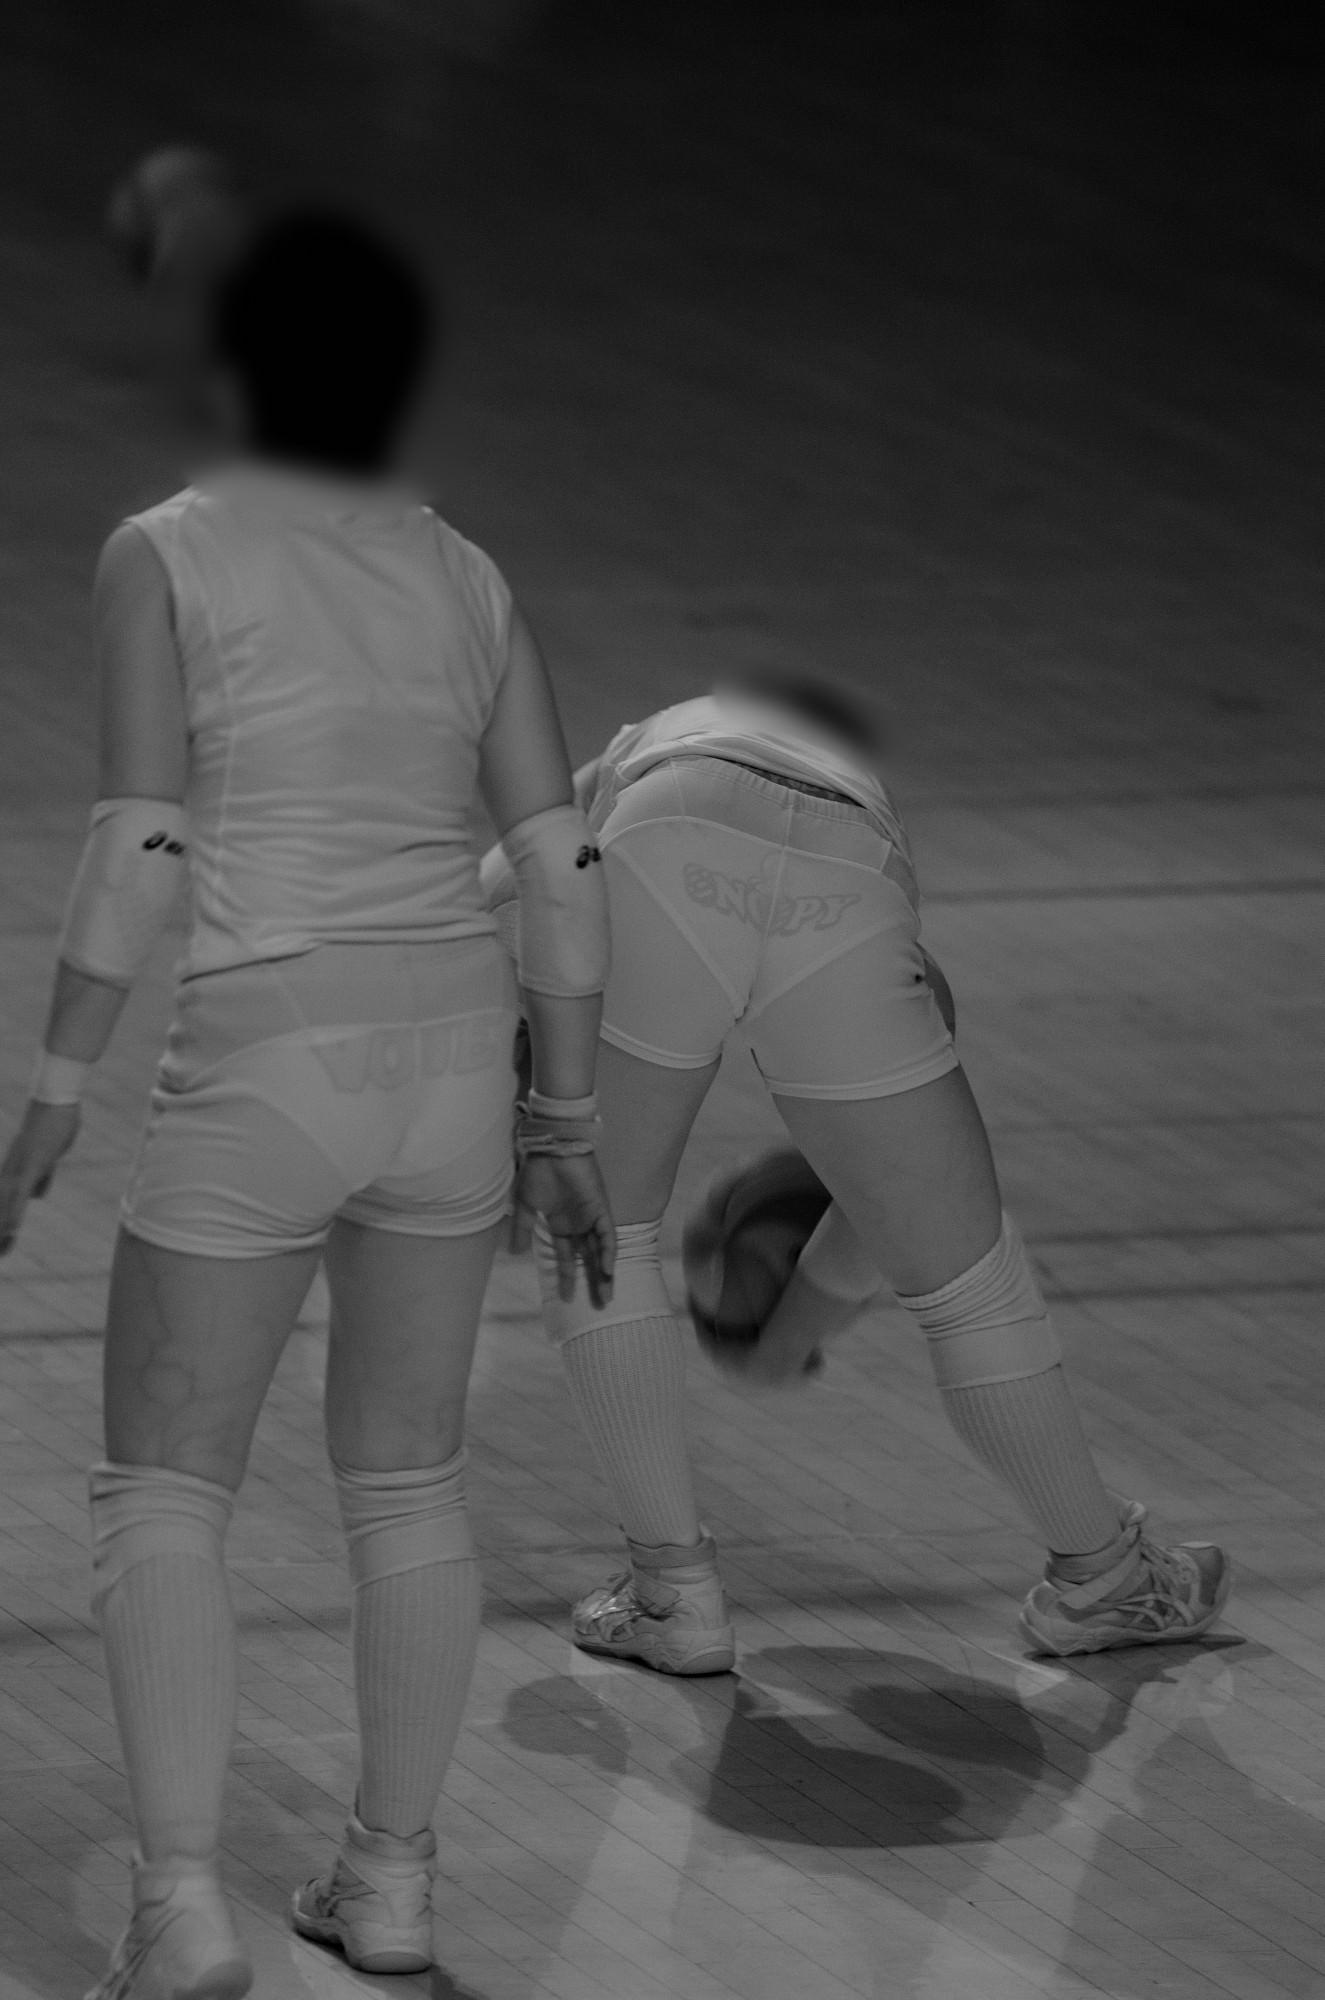 赤外線カメラ半端ない!!女子バレー選手のパンツとブラが透けまくってるスポーツ系エロ画像 2224